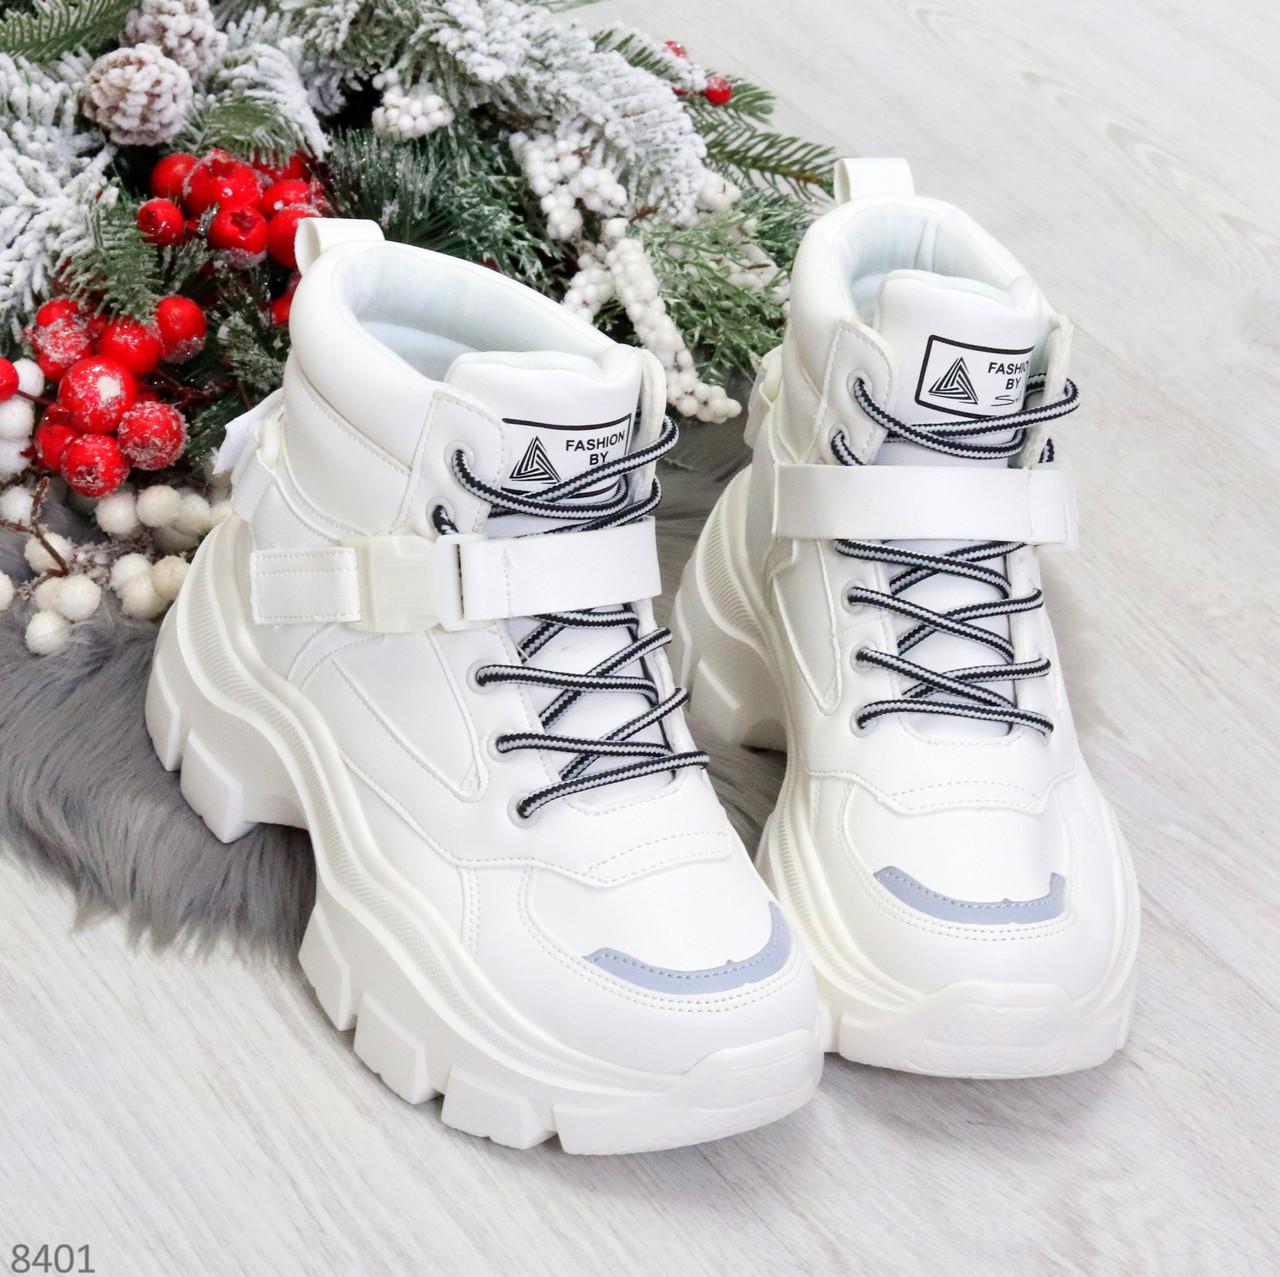 Повседневные белые полу спортивные зимние женские ботинки на шнуровке 39-25 см